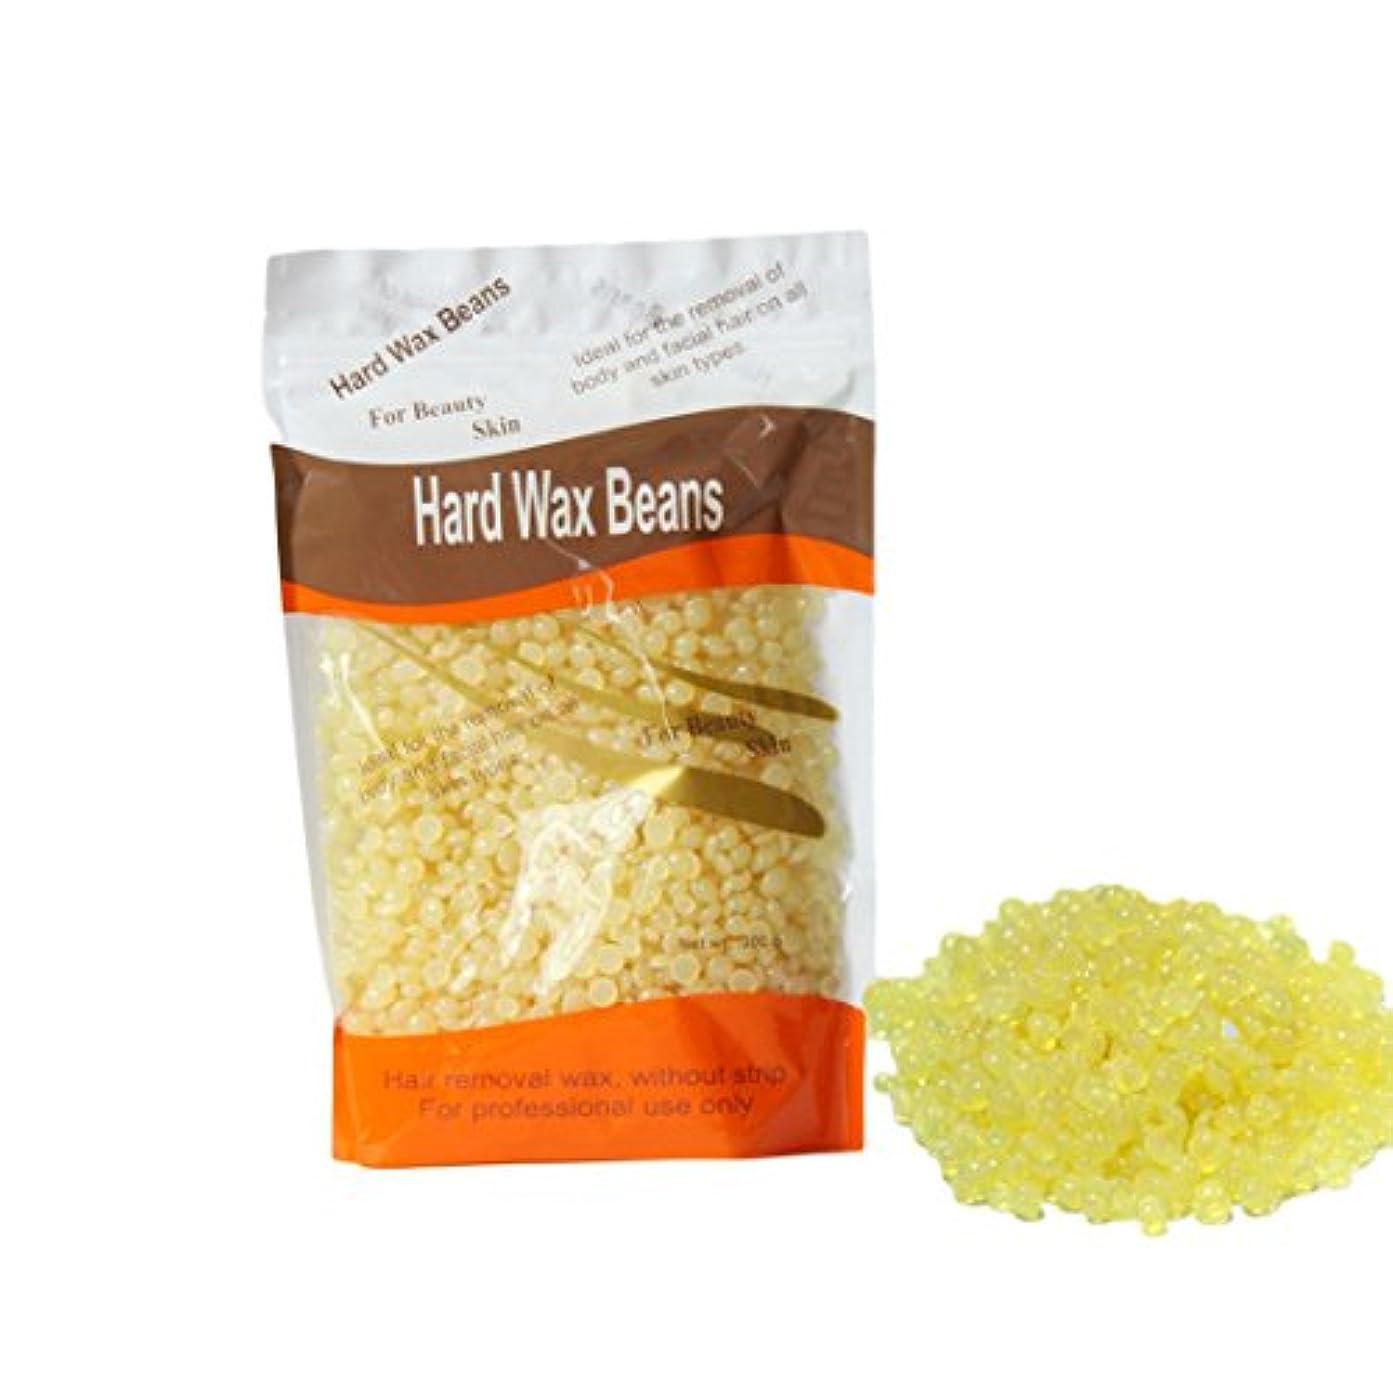 起訴する汚染流星脱毛ビーン ハードワックスペレット 脱毛スポンジ 毛除き 肌に優しい 300g 蜂蜜の香り